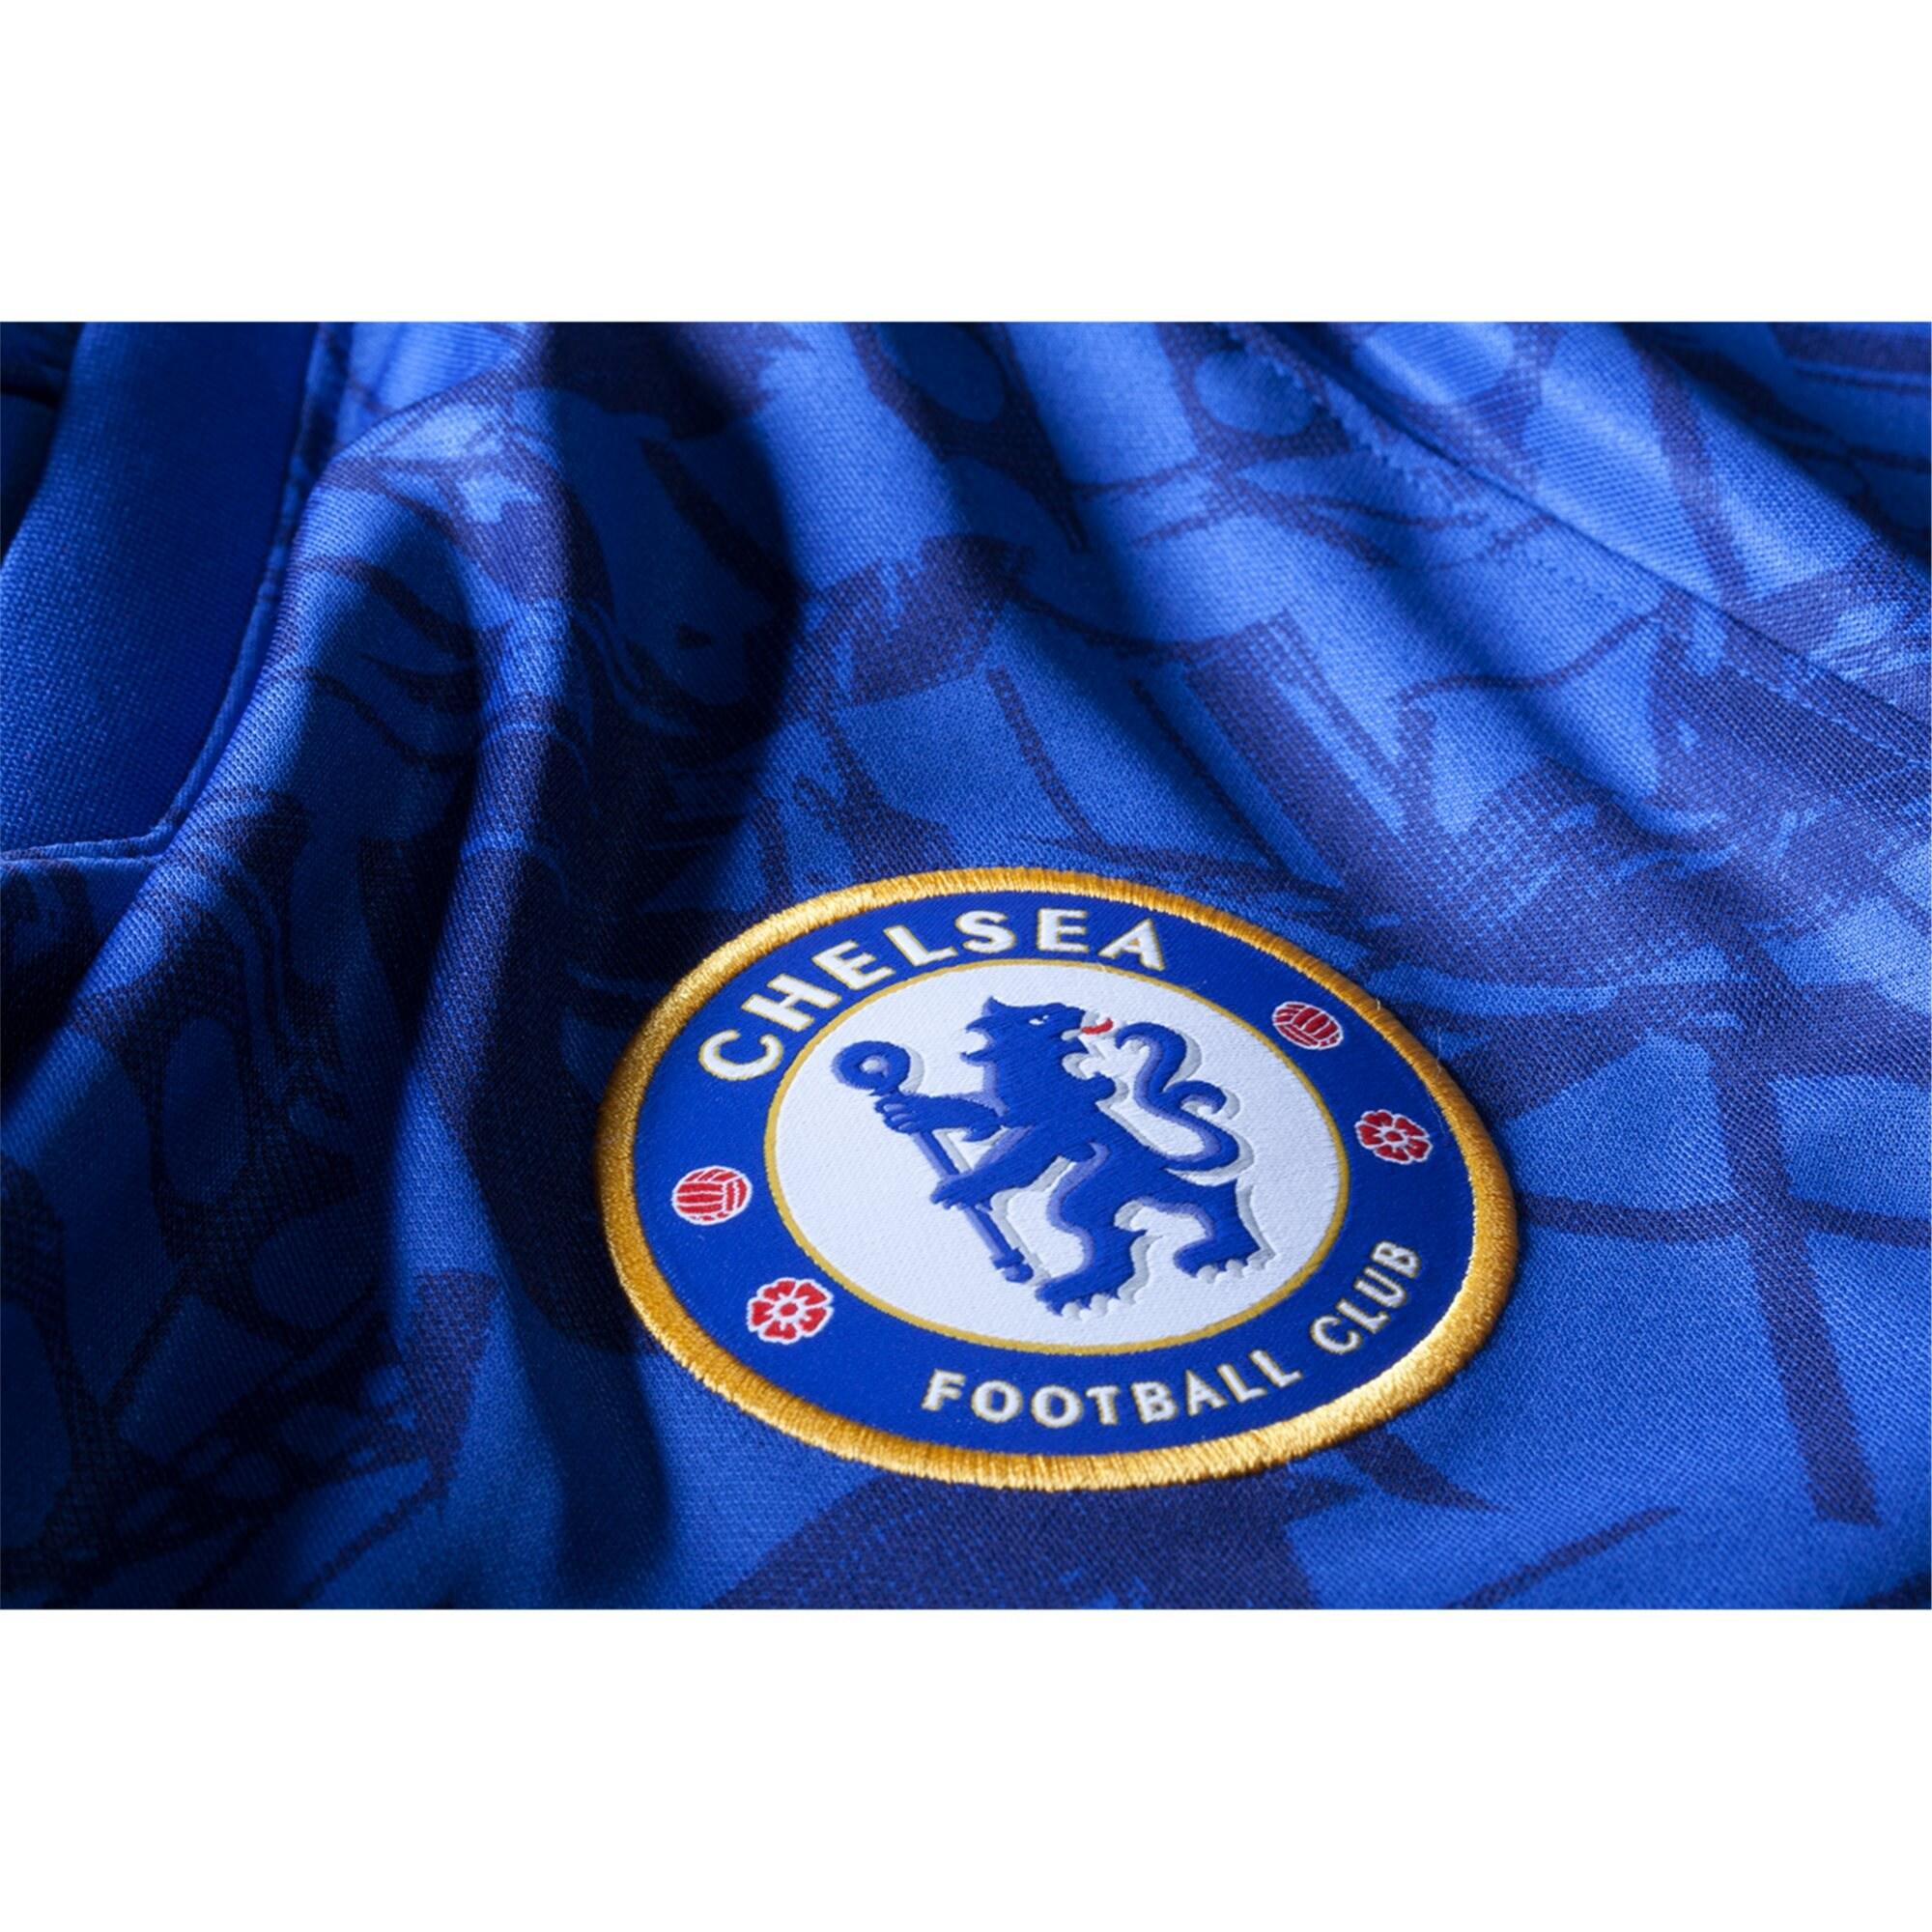 Chelsea Home Jersey 2019 Replica